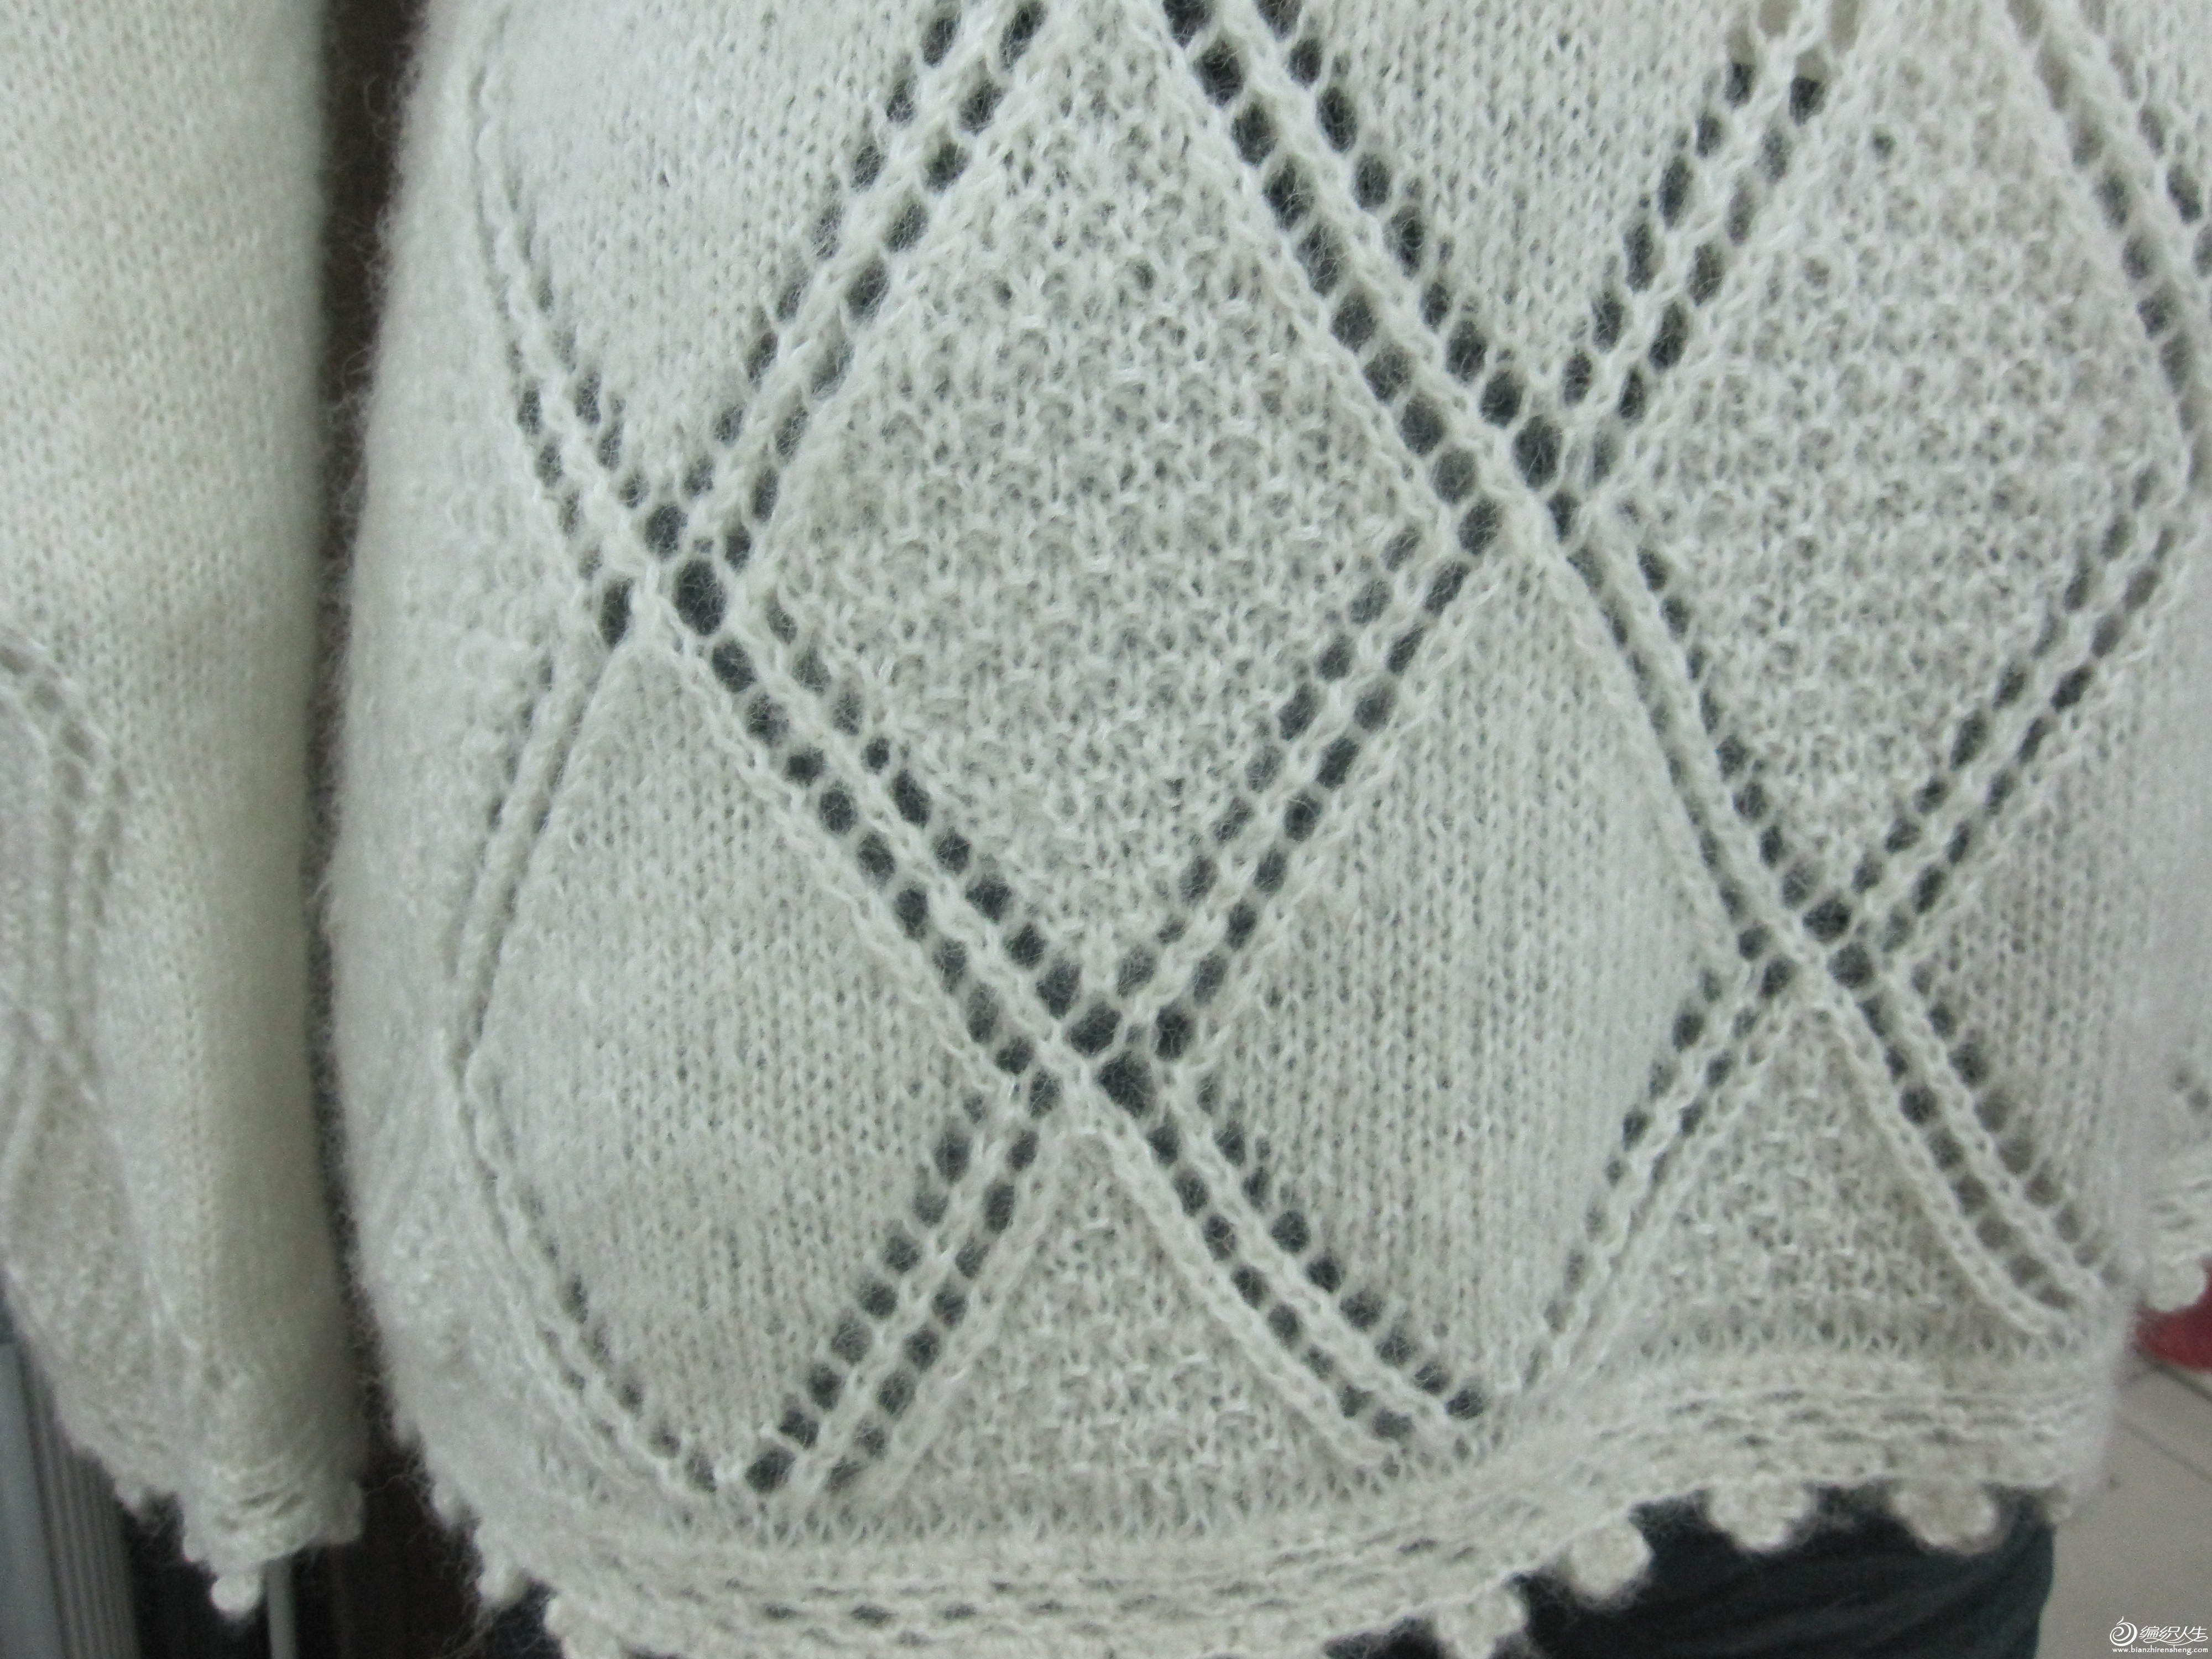 ...說不喜歡復雜的花樣,我找了好多后來還是決定自己選的菱形花樣,結果出來很滿意,線是通通家的伊秀爾貂絨加一股24支的配線12針片織的,后片全平針174針下面1.2尺上面掛肩8寸,前片花樣182針同后片開掛后織1寸開領,成衣一...[查看全文]